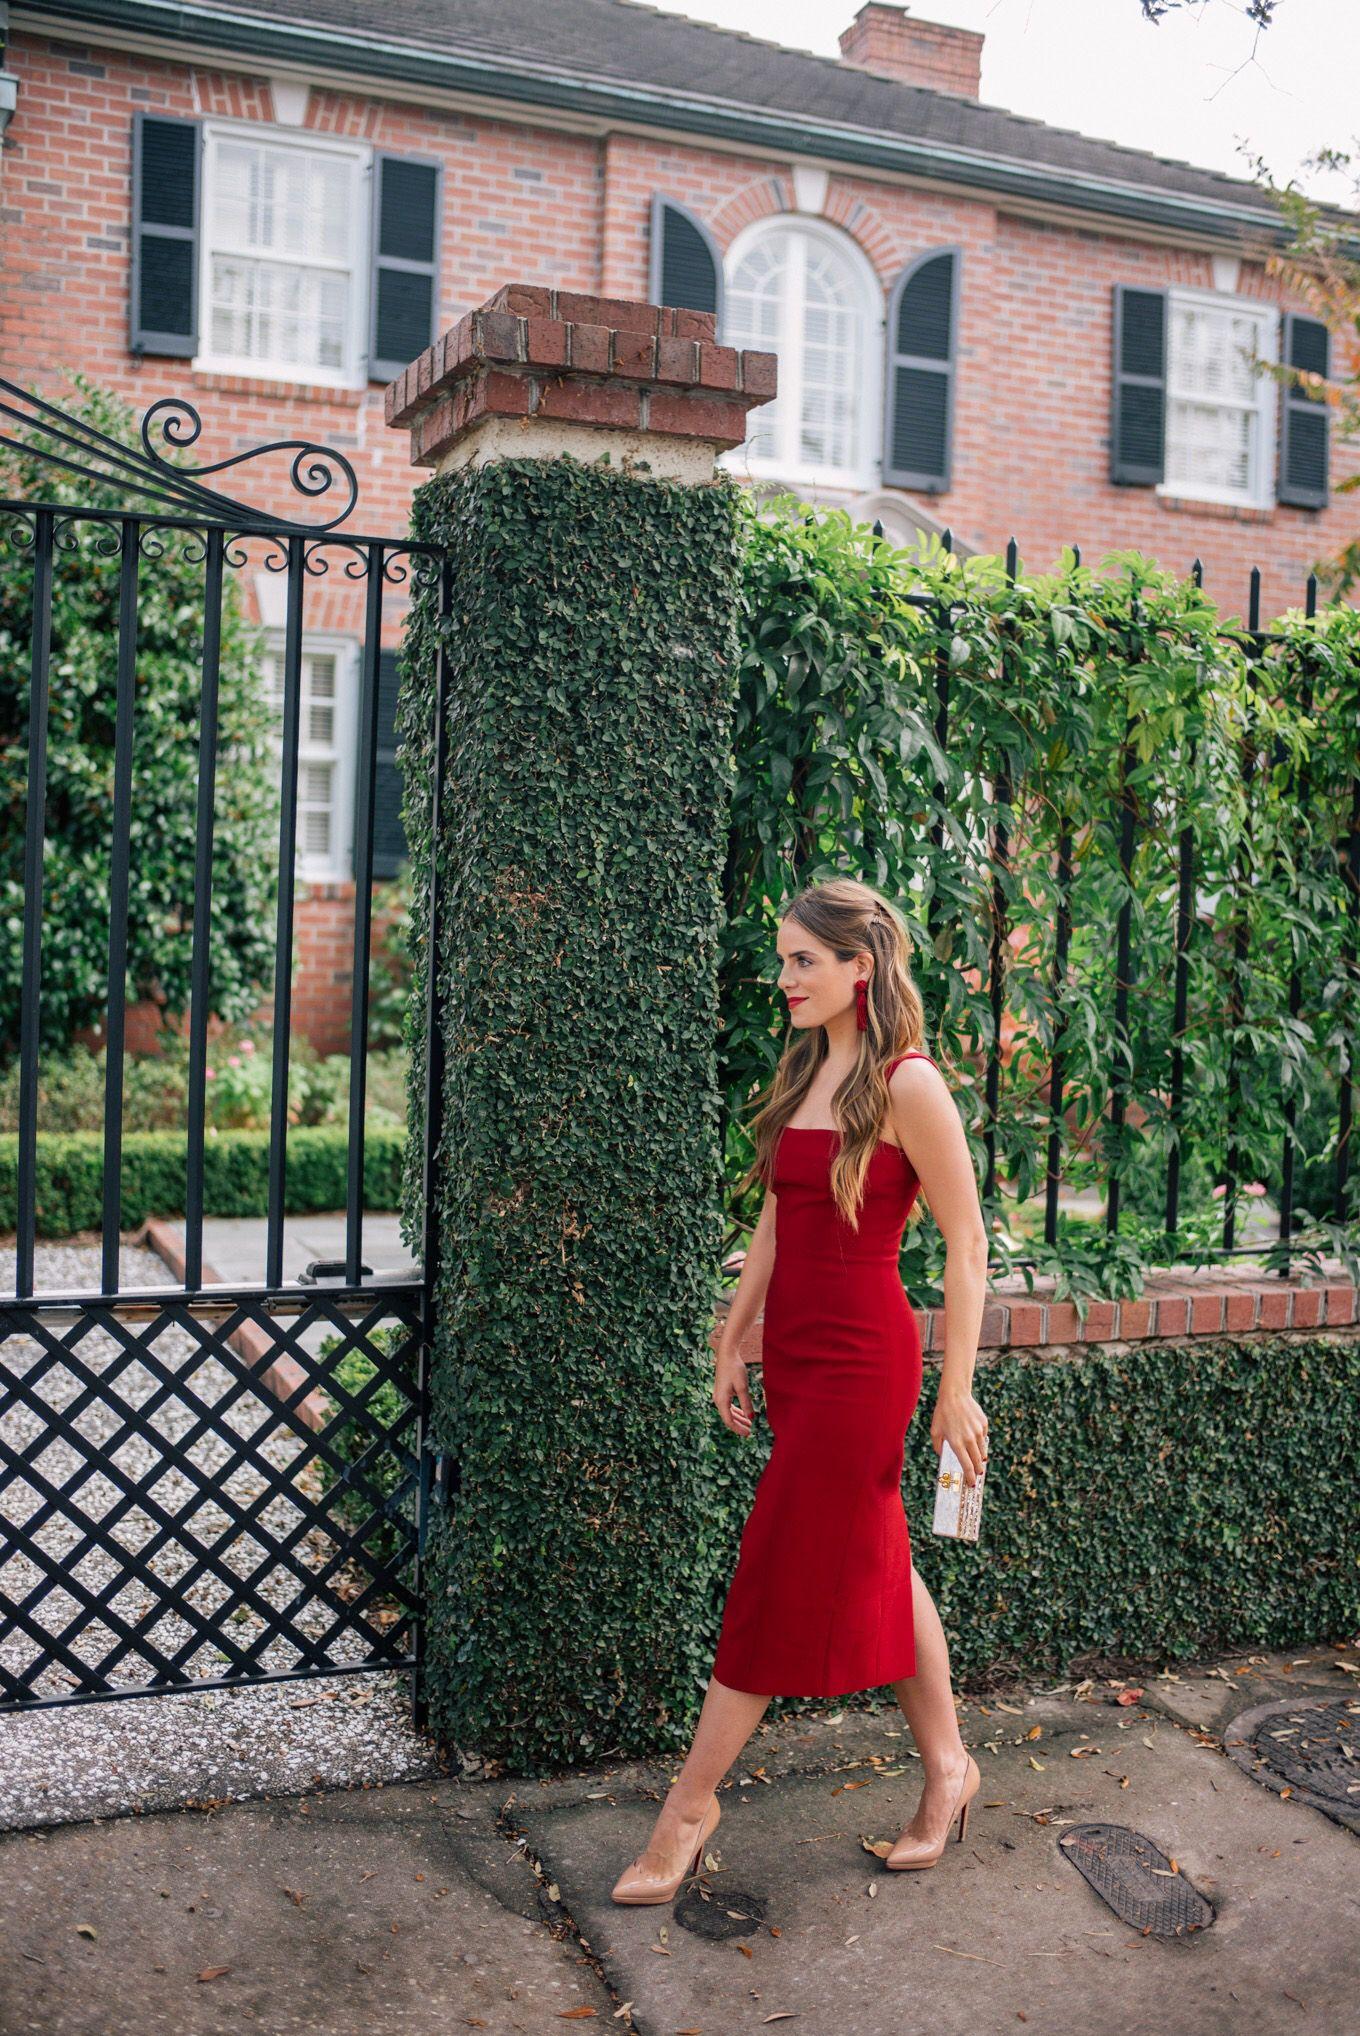 e5e9c3ab0ac Gal Meets Glam The Red Dress - Cinq A Sept dress